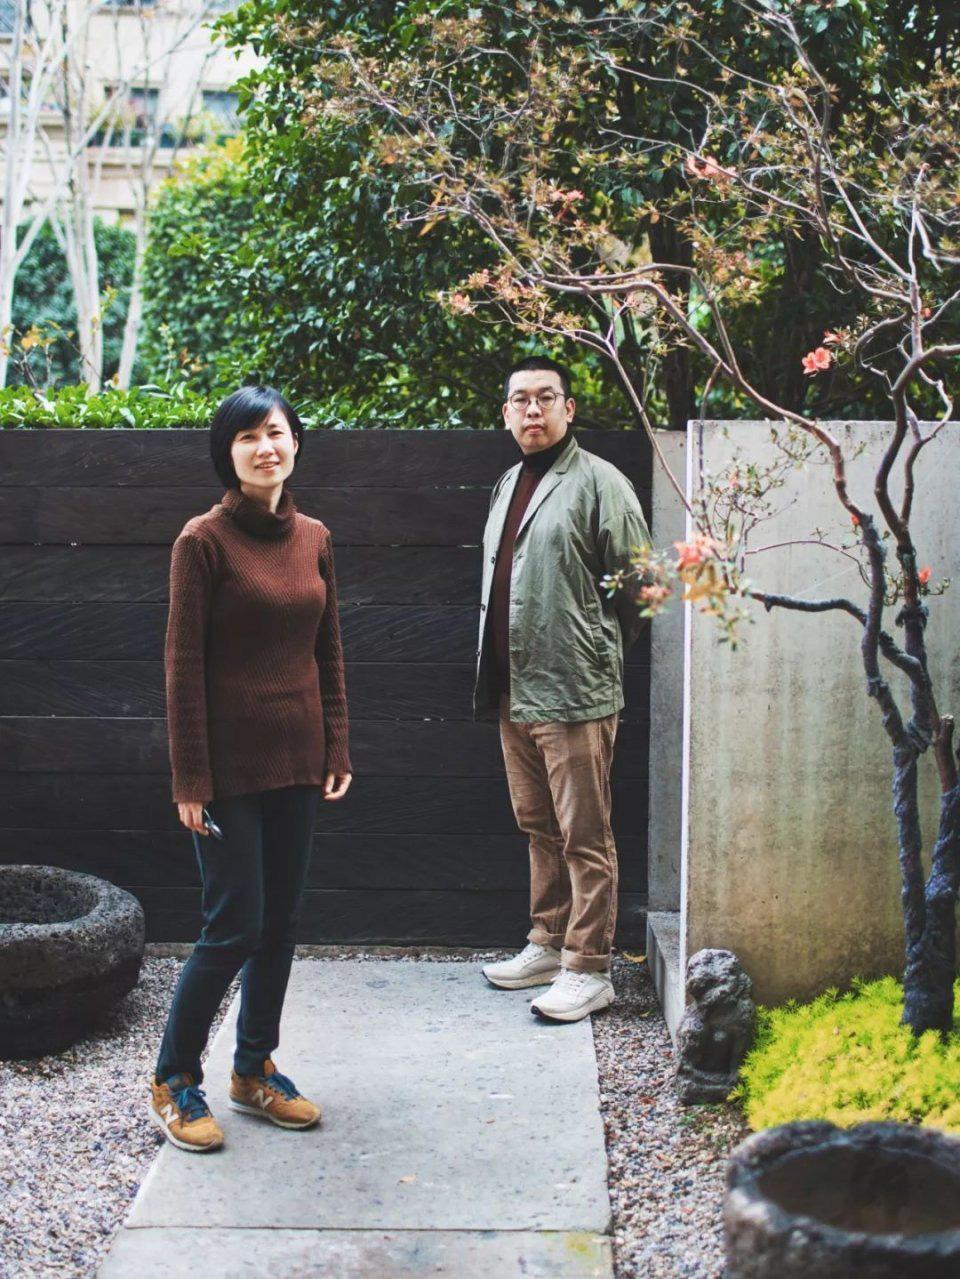 Cặp vợ chồng trẻ cải tạo căn nhà ngoại ô rộng 150m2 đã xây cách đây 20 năm thành không gian góc nào cũng đẹp đến cực độ - Ảnh 10.